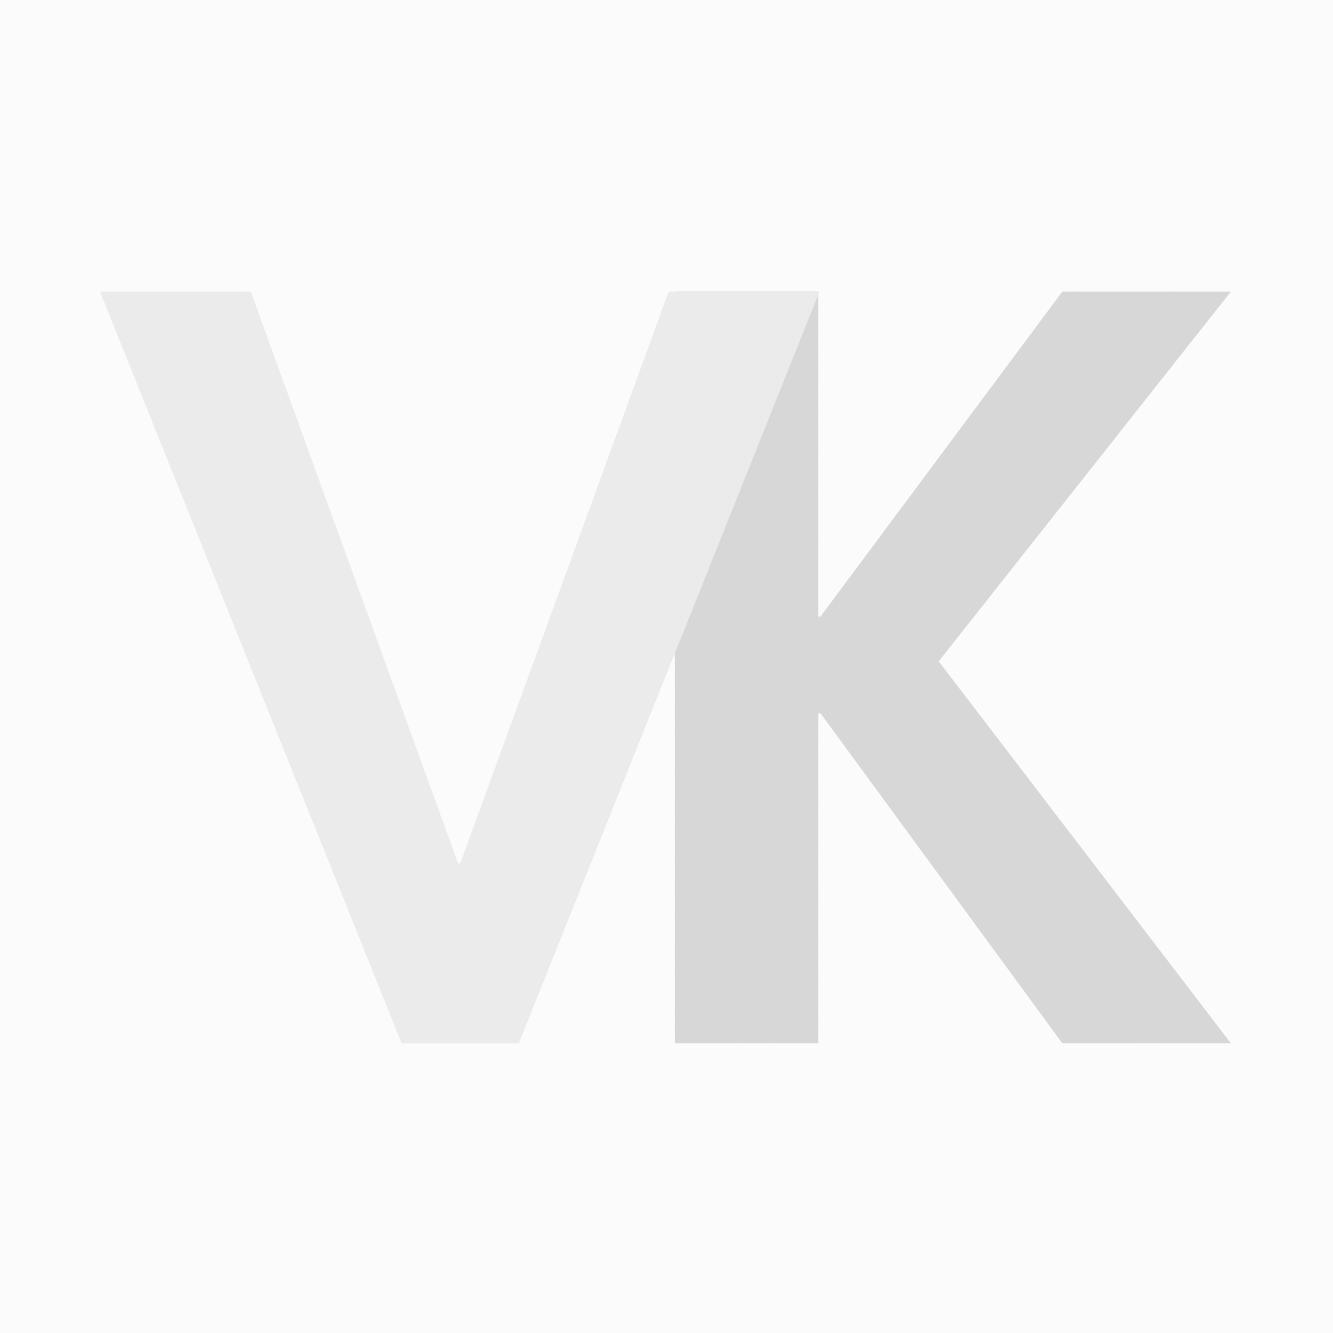 Ceracurl Krultang 32mm